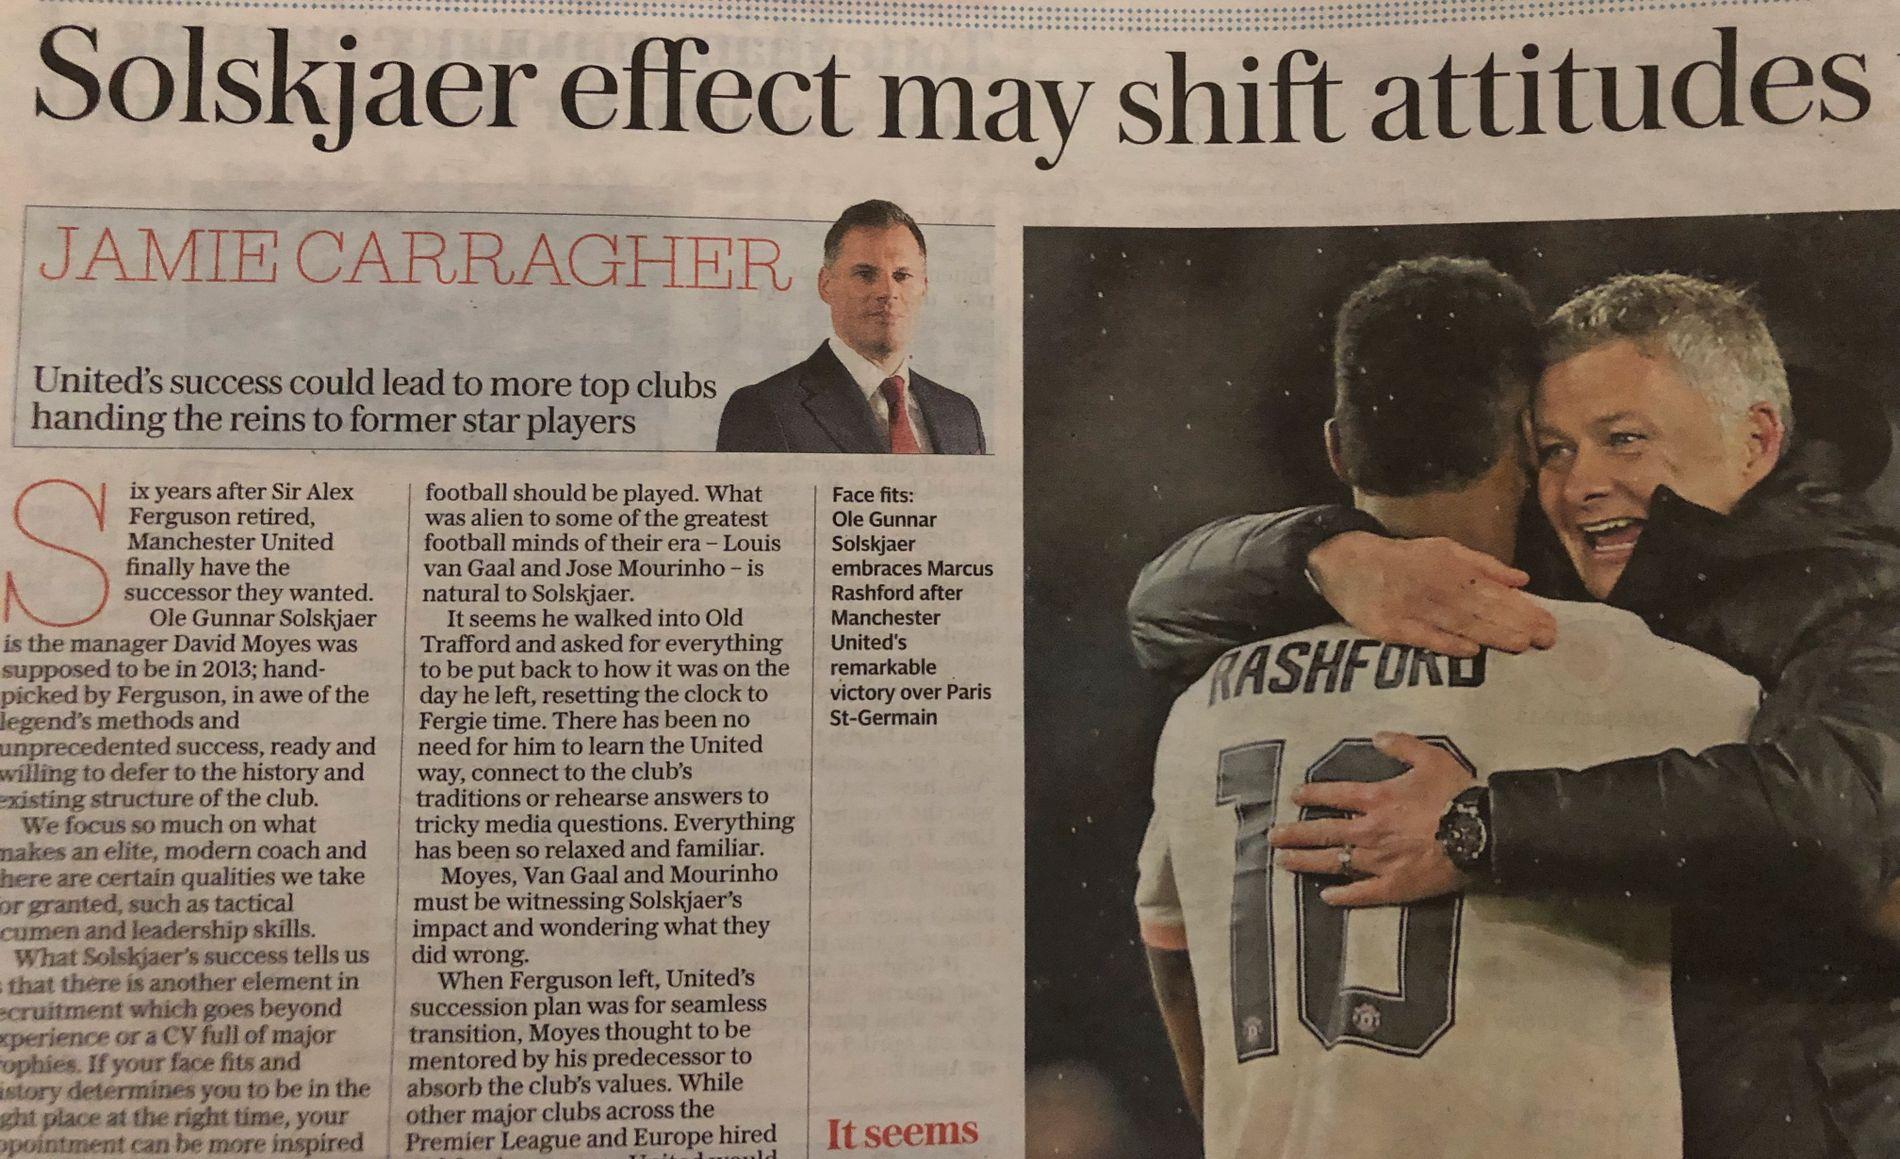 CARRA-ROS: Jamie Carragher i Telegraph beundrer jobben Solskjær har gjort.